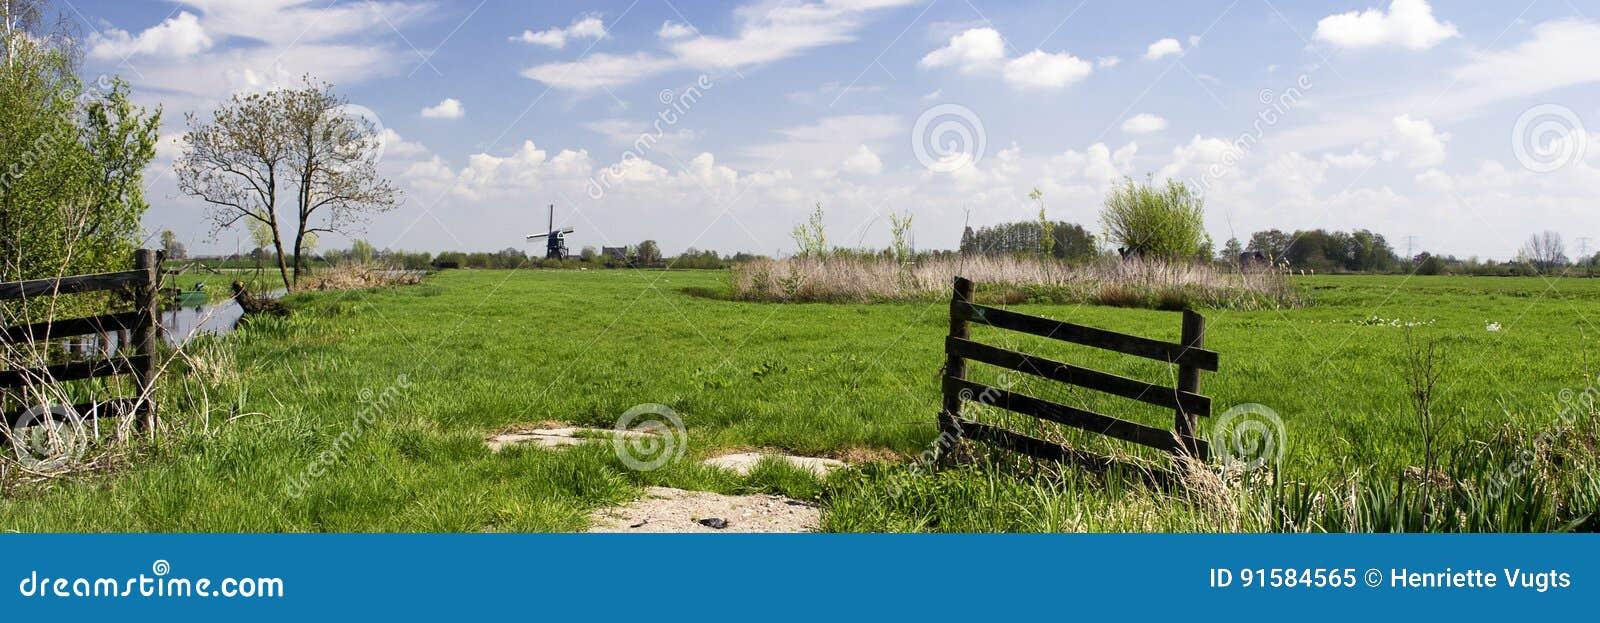 与草甸的典型的荷兰风景,木篱芭,磨房,绿草,蓝天,白色云彩